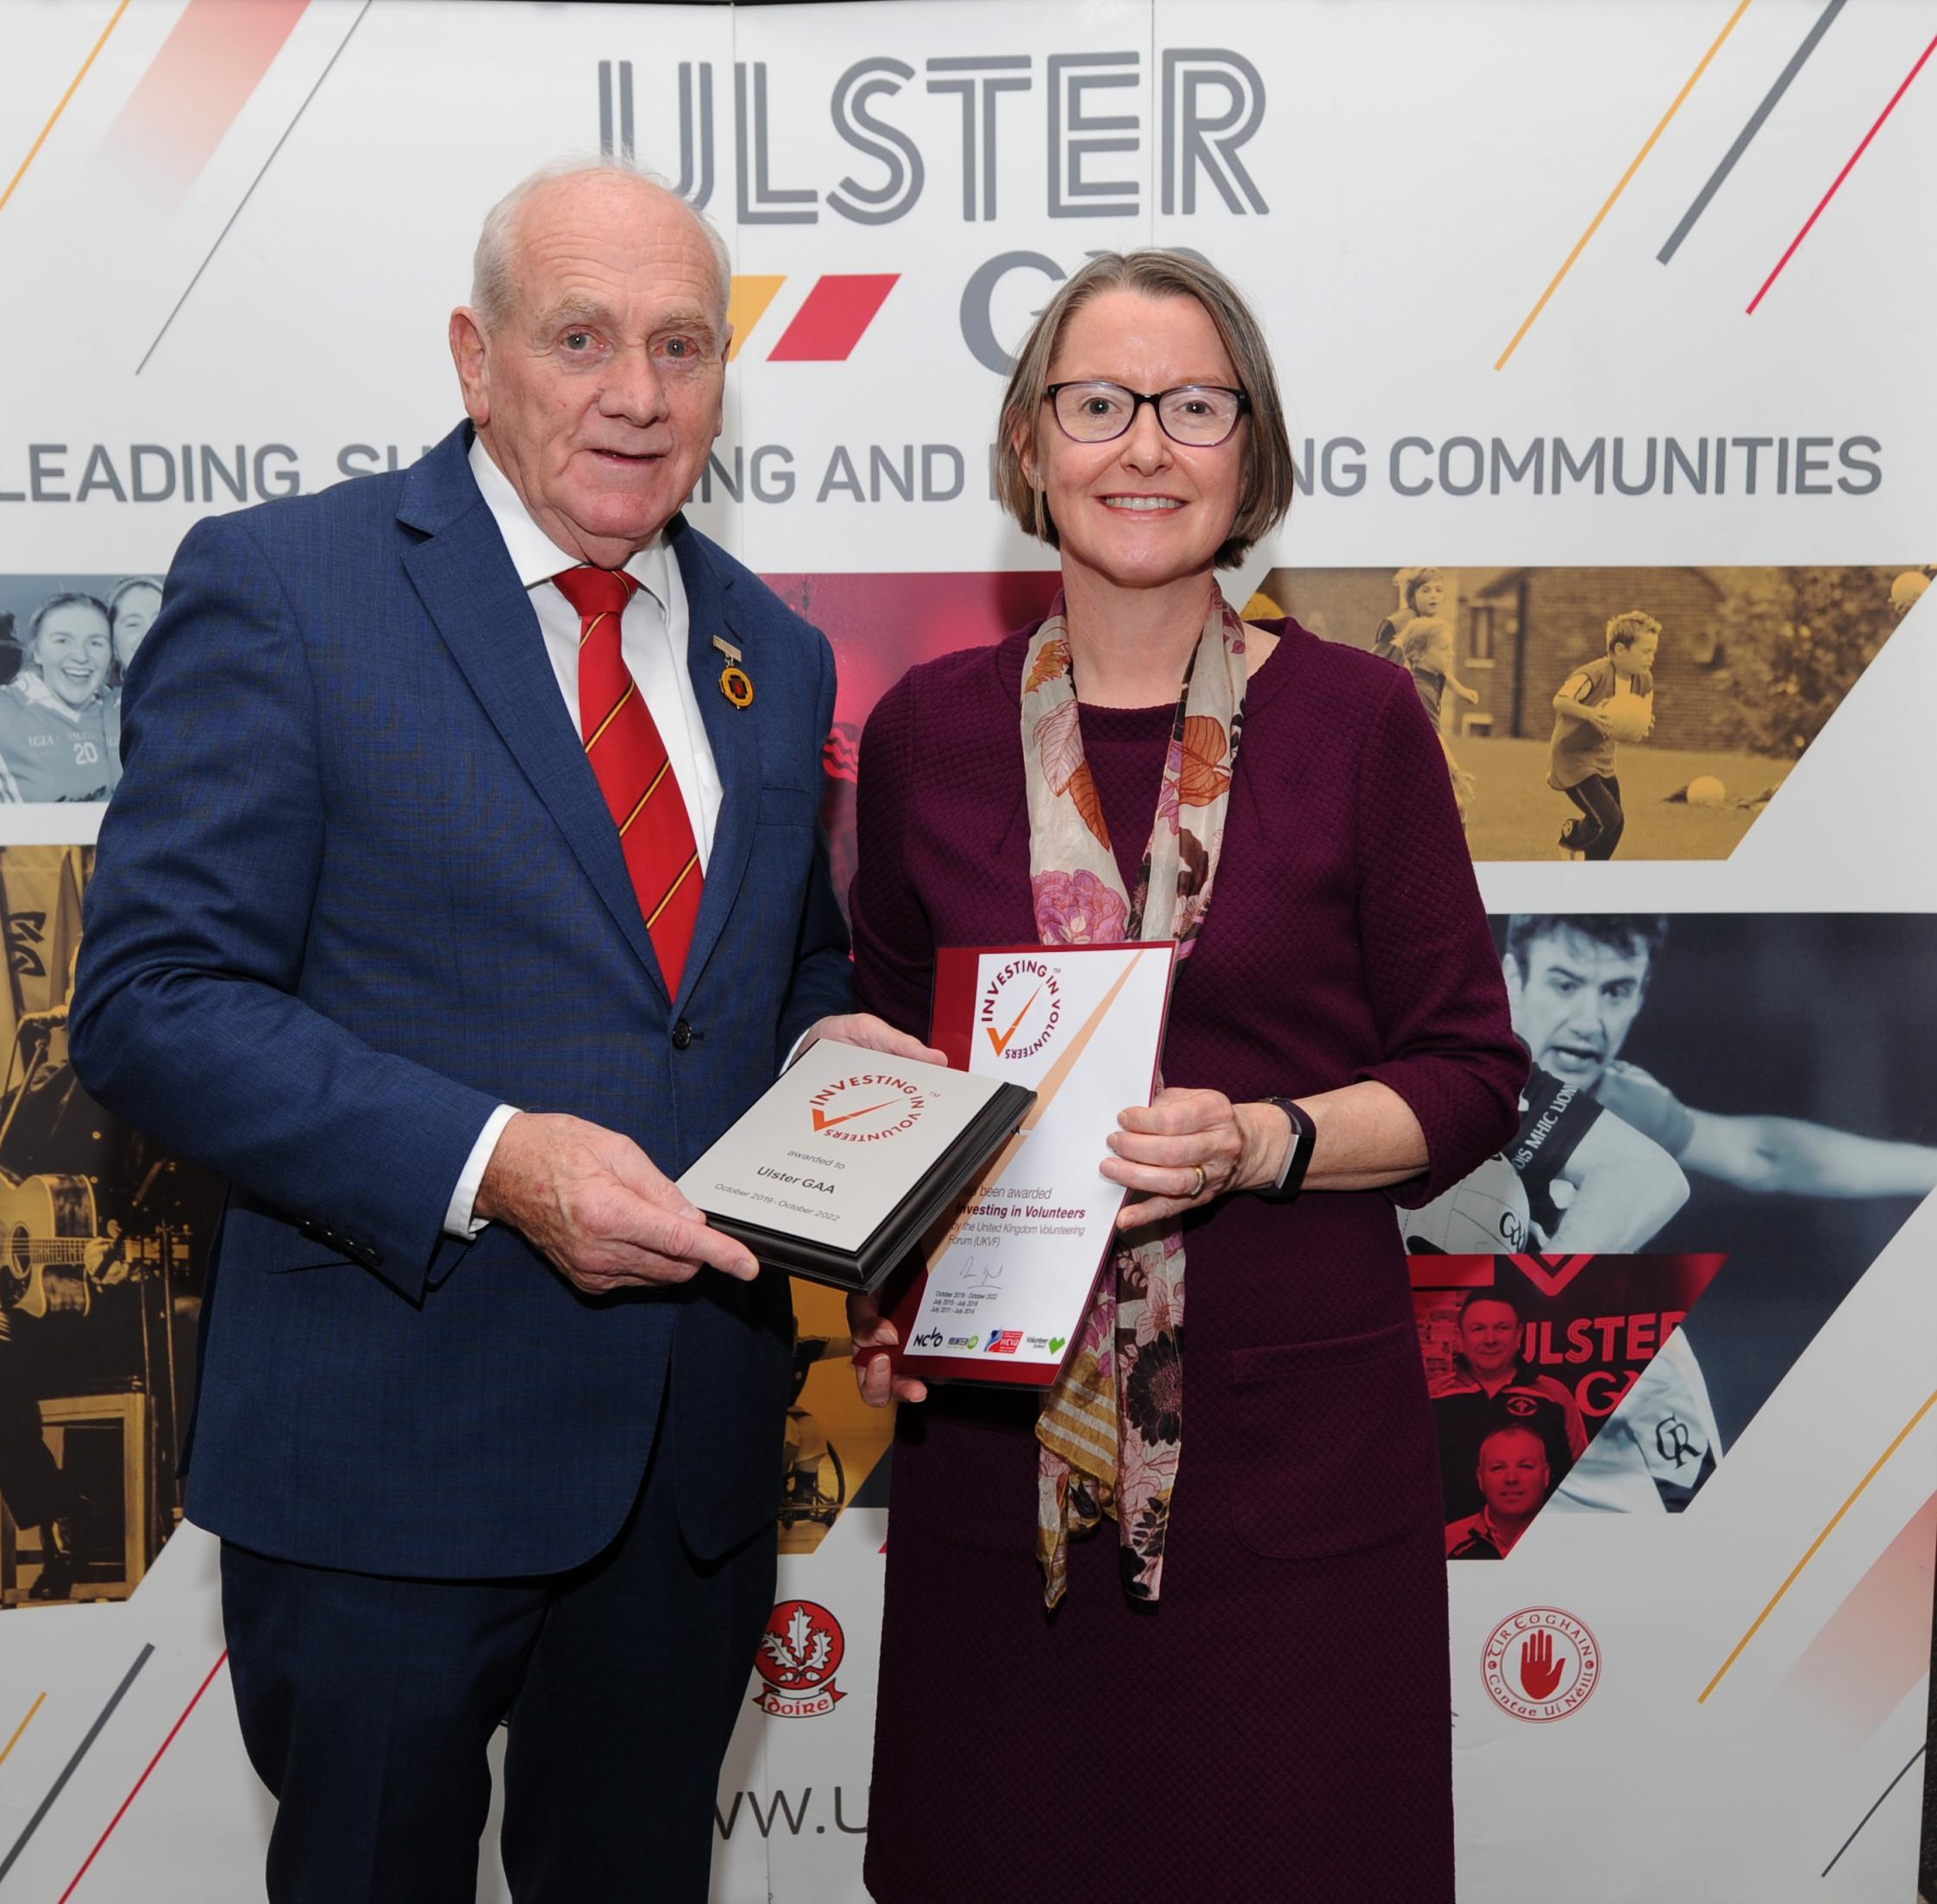 Ulster GAA achieve Investing in Volunteers Standard